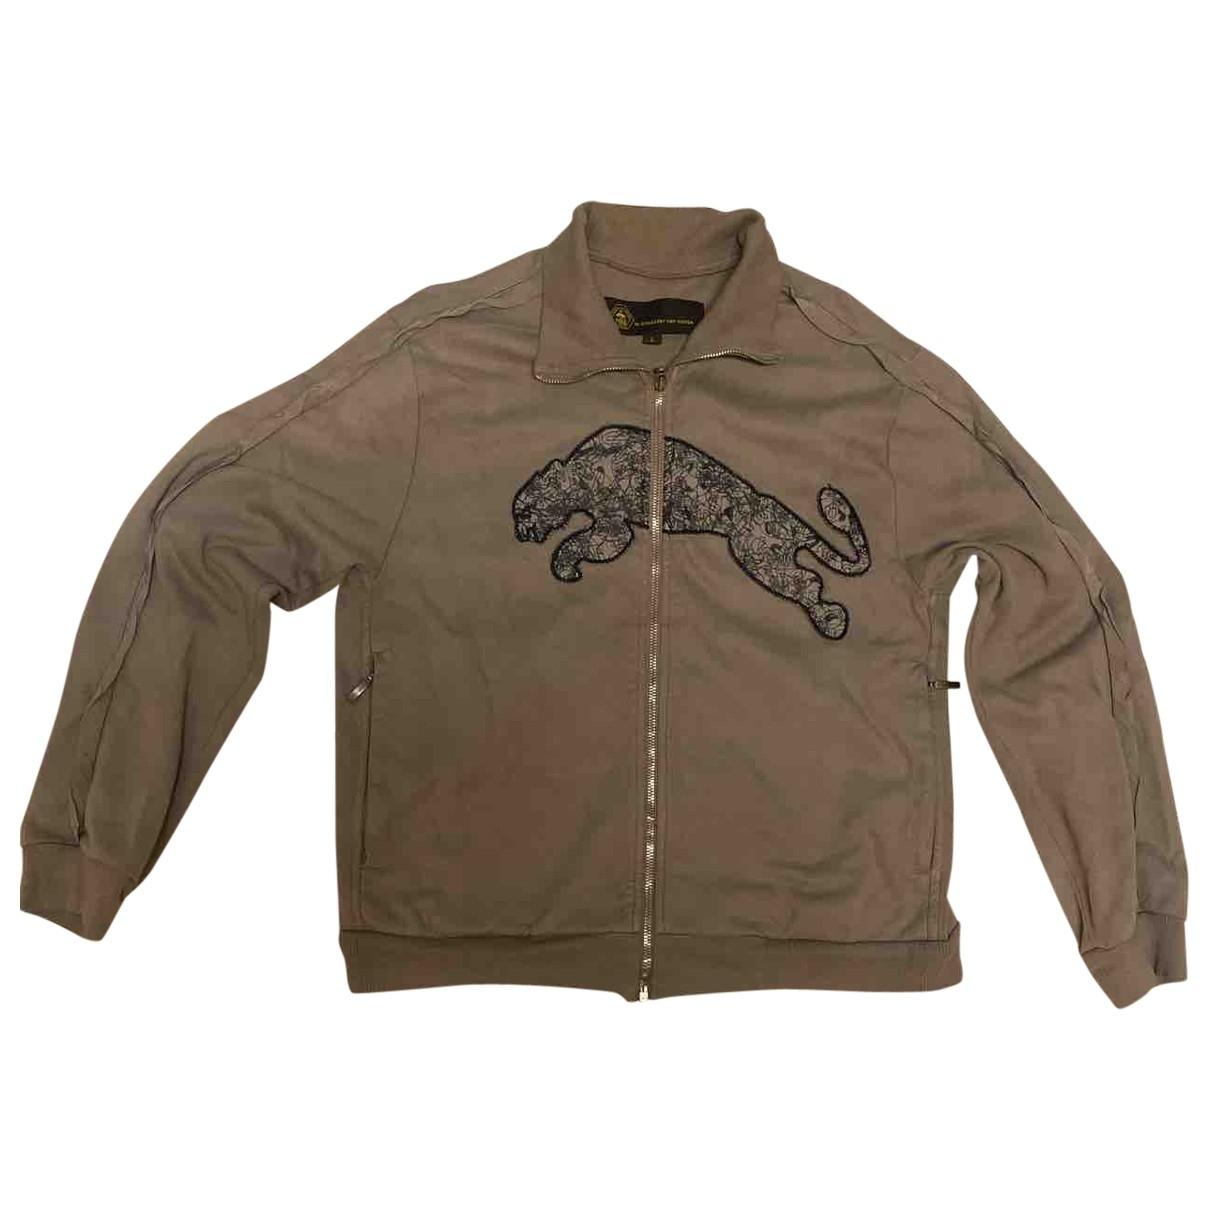 Puma \N Beige Cotton Knitwear & Sweatshirts for Men L International